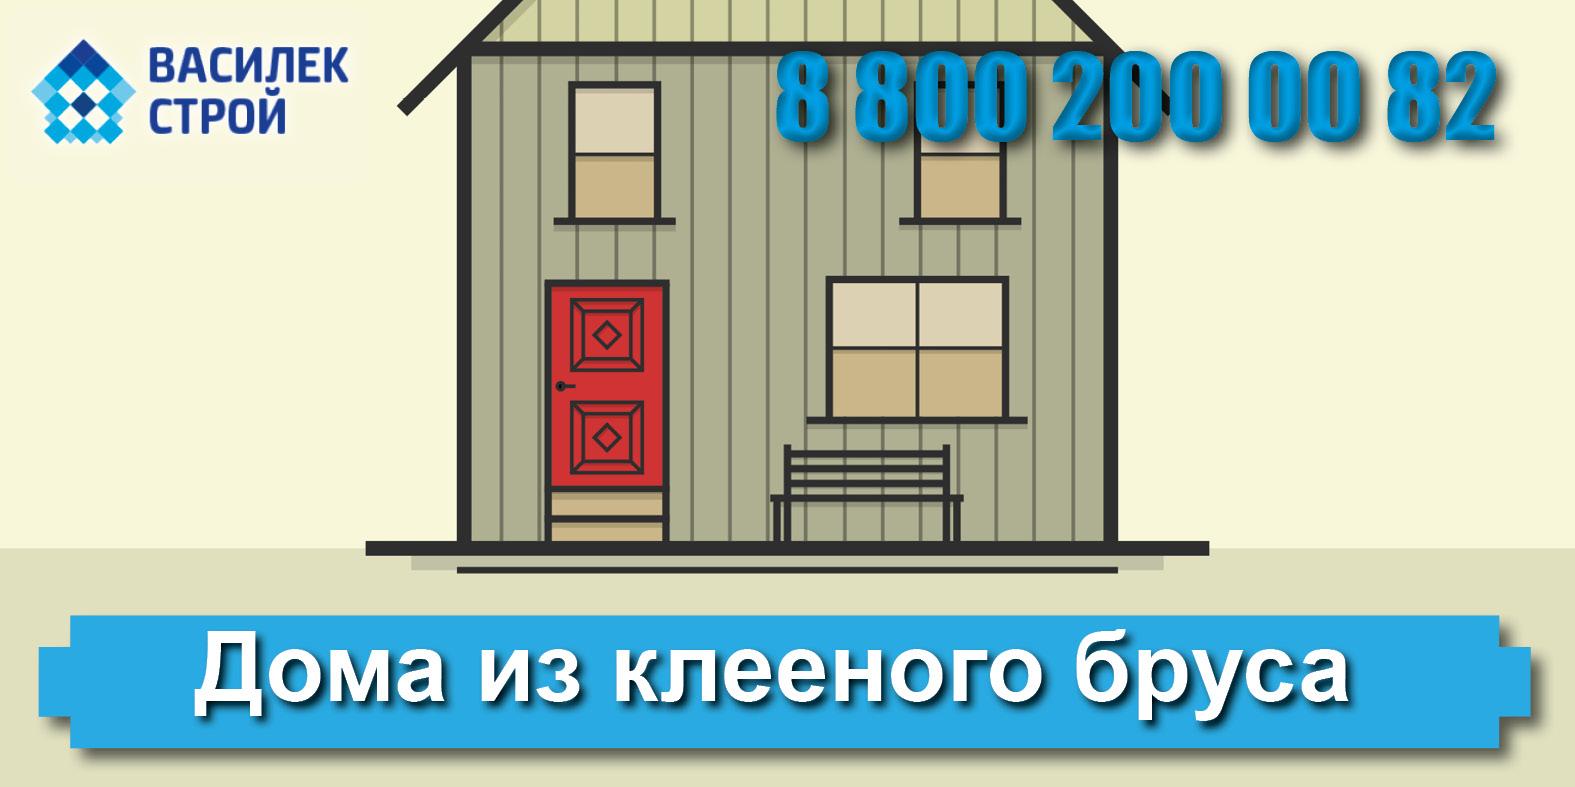 Где самые дешевые дома из клееного бруса: предлагаем строительство домов из бруса дешево и быстро. С нами вы сможете построить дом из бруса дешево и качественно